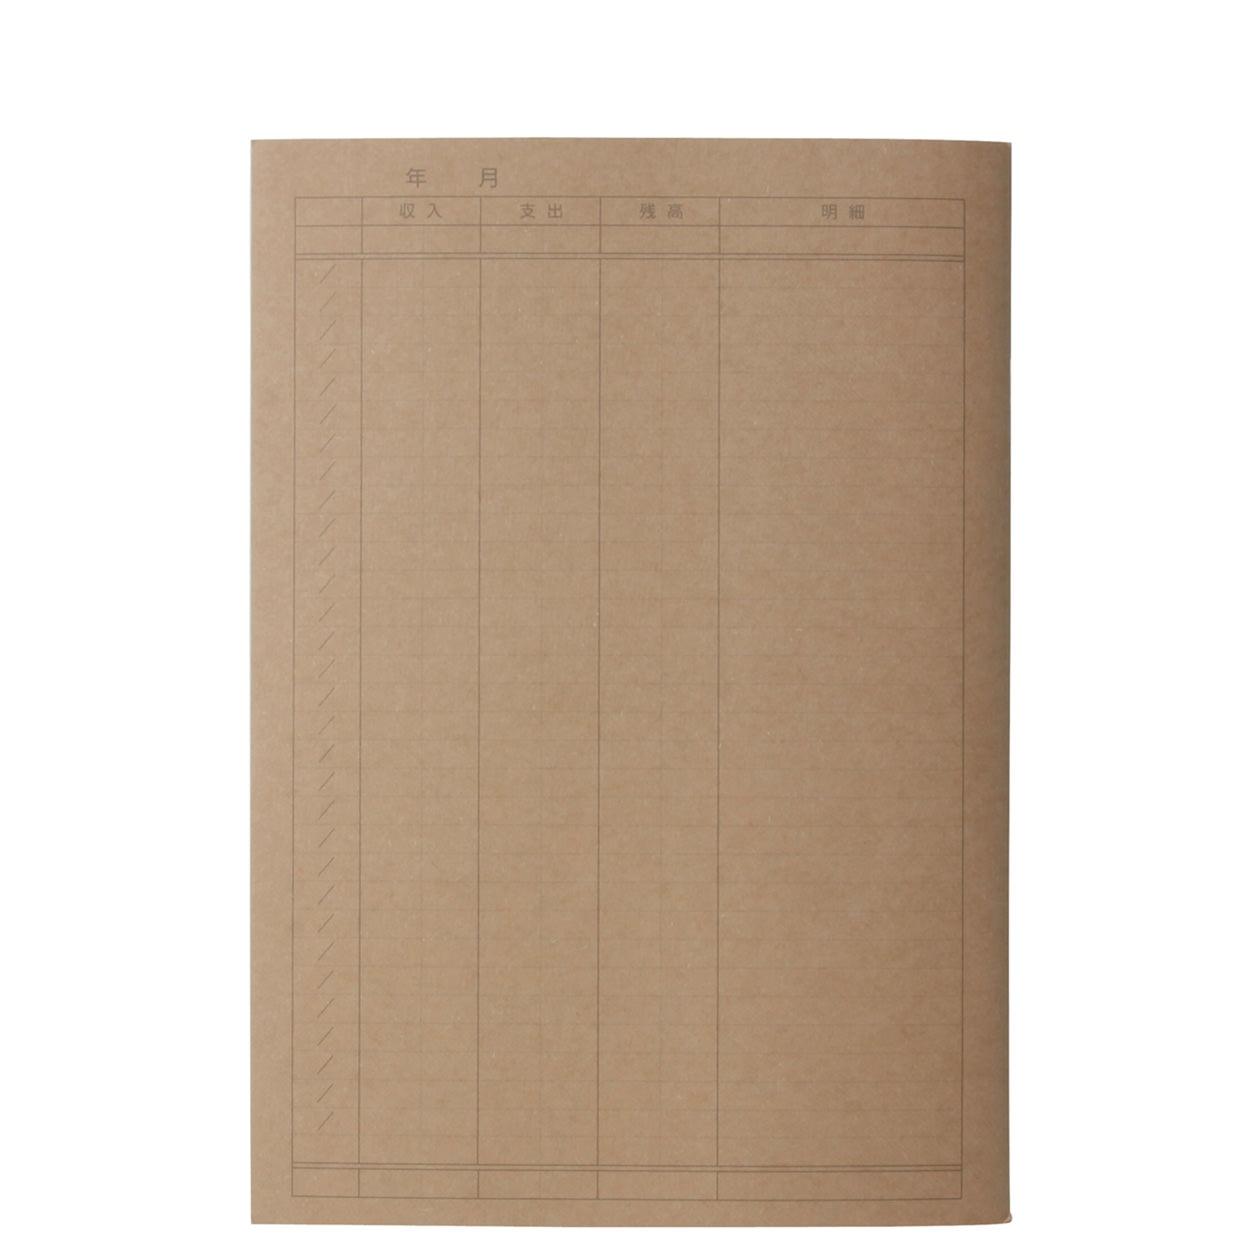 再生紙ノート・家計簿